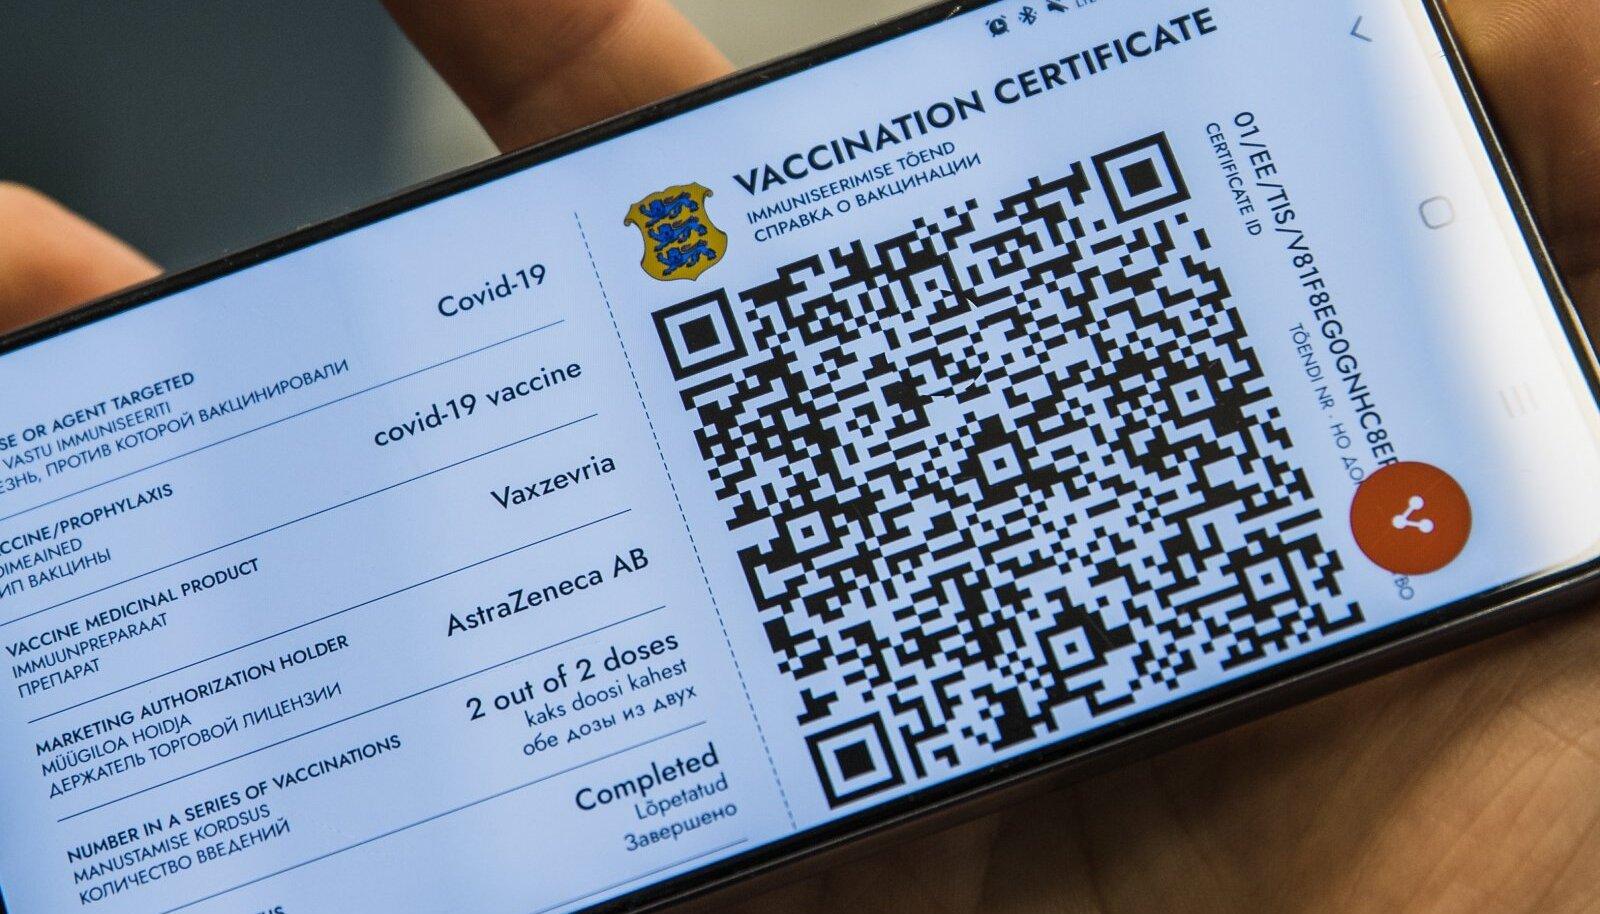 Digitaalne vaktsineerimispass ehk vaktsineerimistõend mobiiltelefonis. Aga mida teevad need, kelle pole ei internetti tõendi veebist väljaprintimiseks ega mitte ka mobiiltelefoni tõendi näitamiseks. Ministeerium alles otsib vastust.